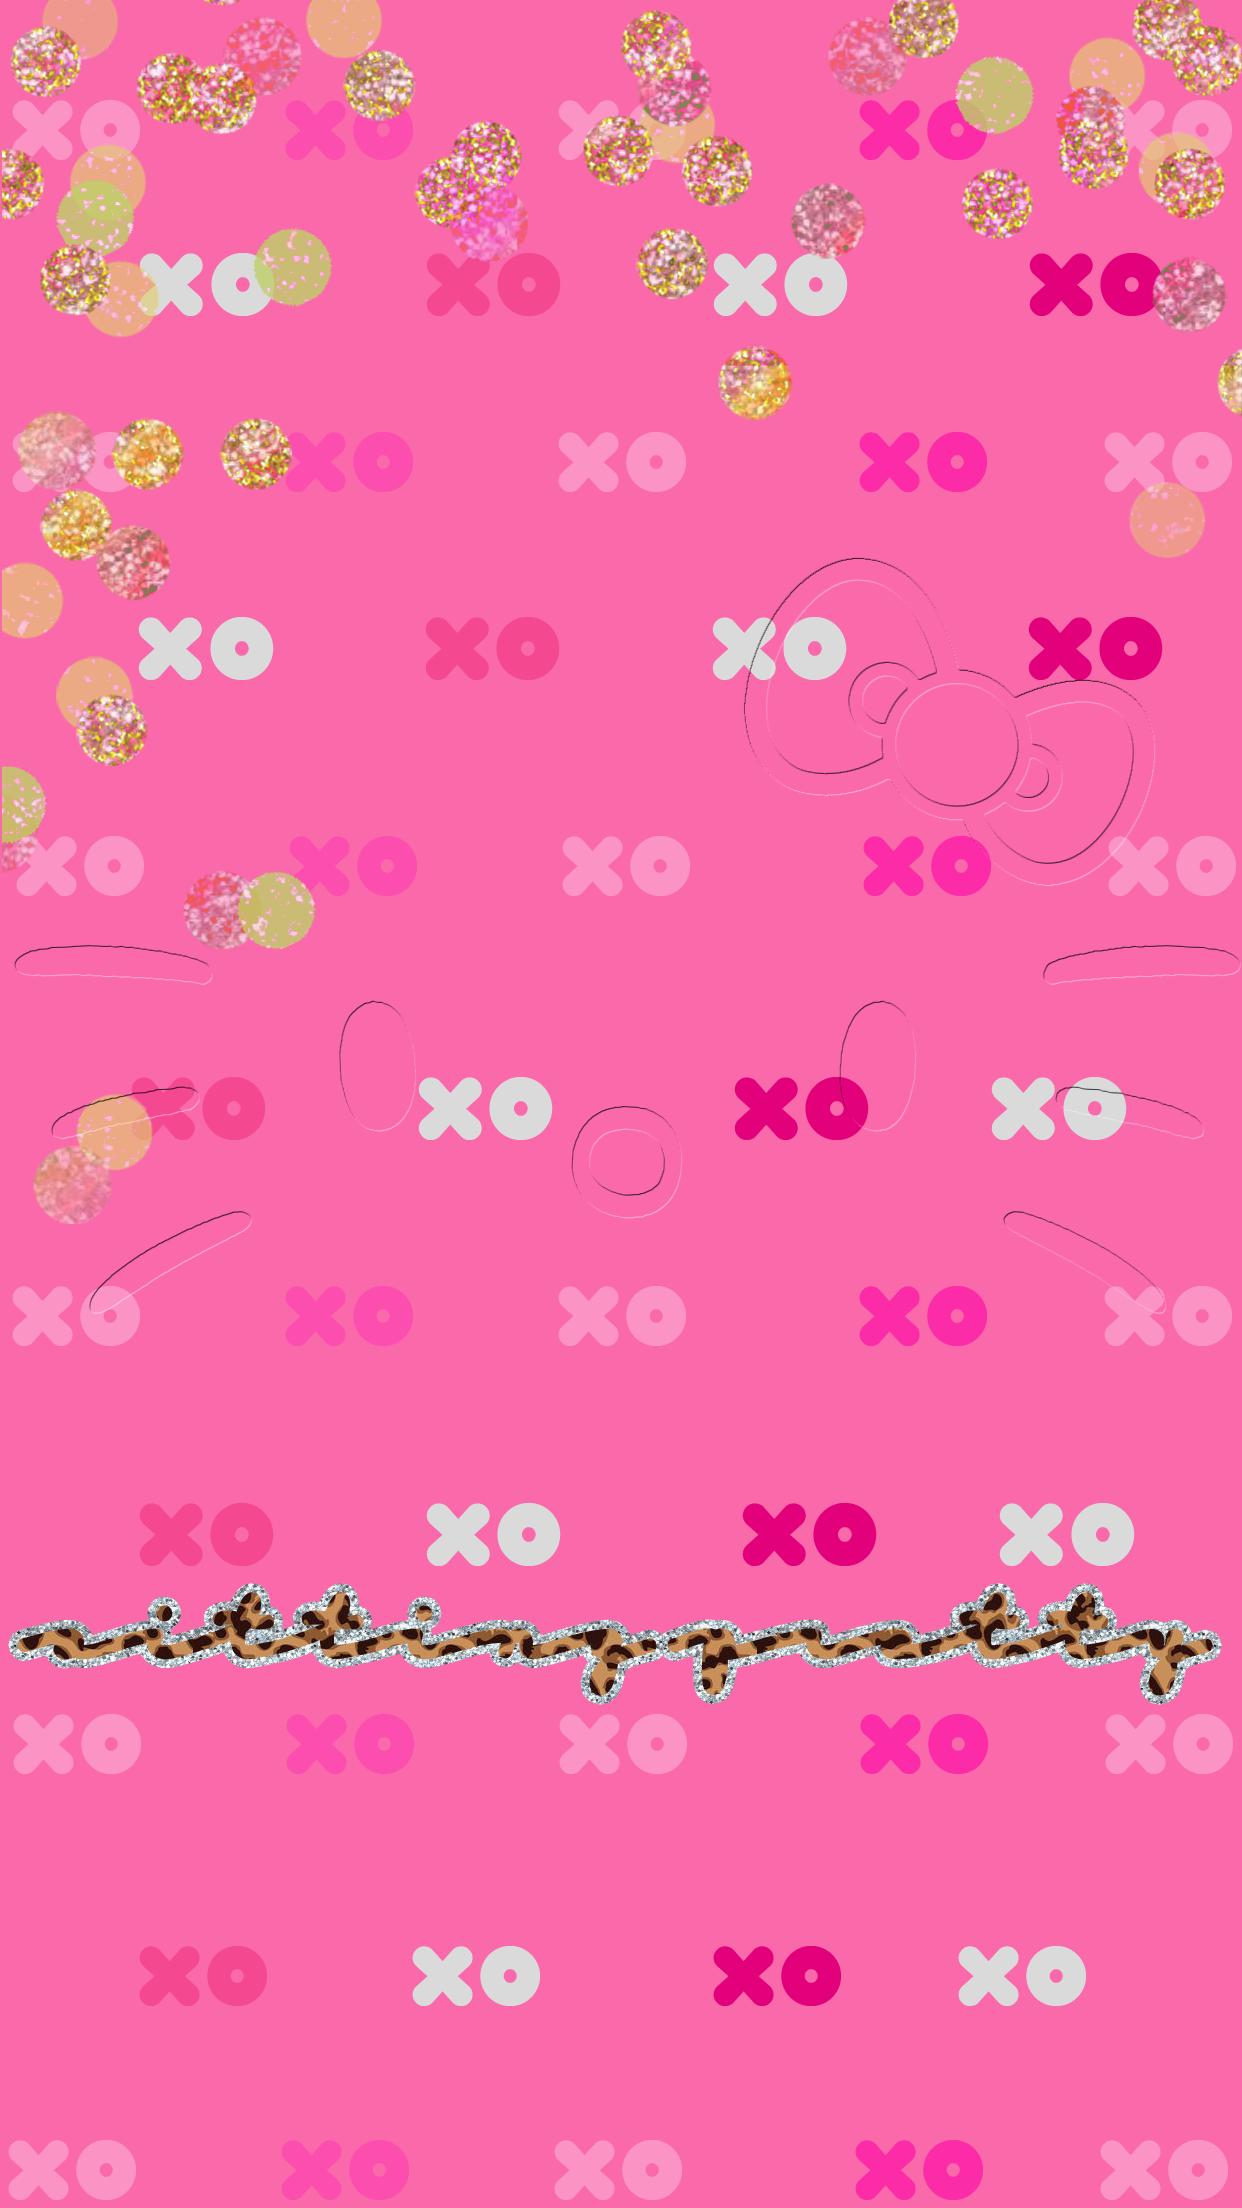 Amazing Wallpaper Hello Kitty Pattern - 928f9145461959faaff404568b3e0253  Pic_651882.png